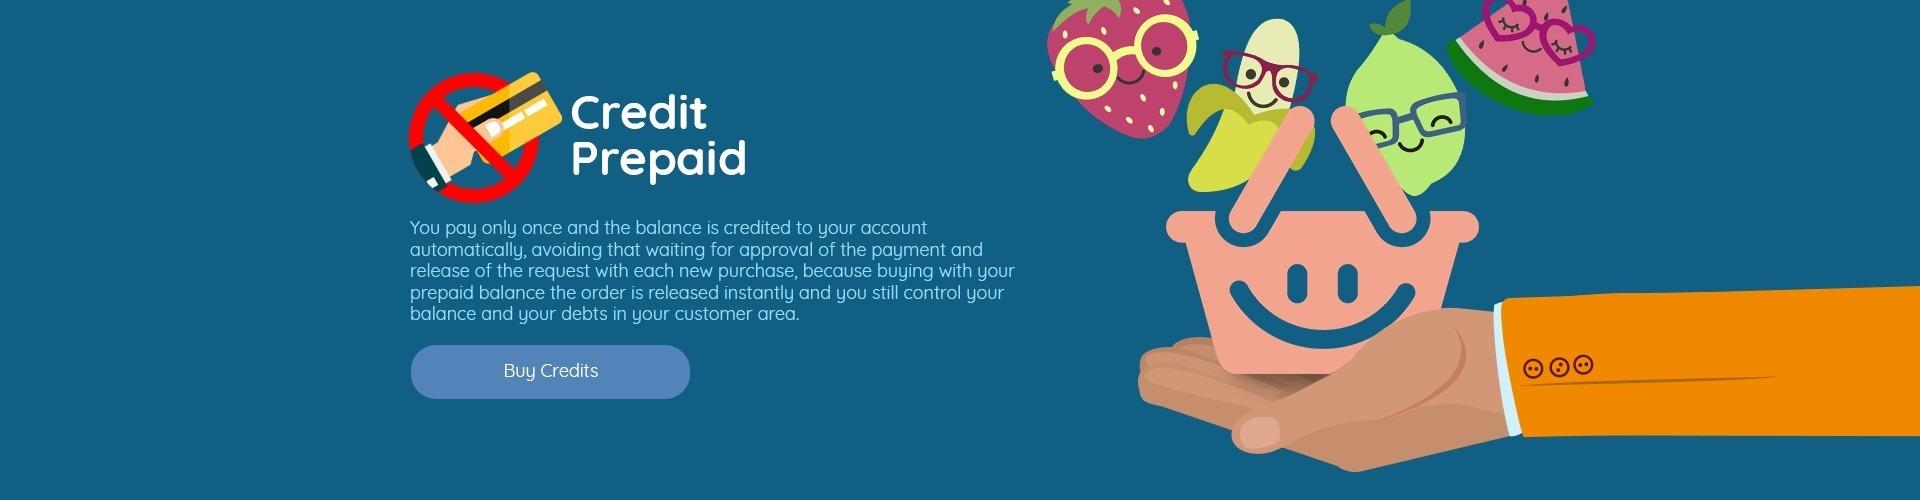 Prepaid credit